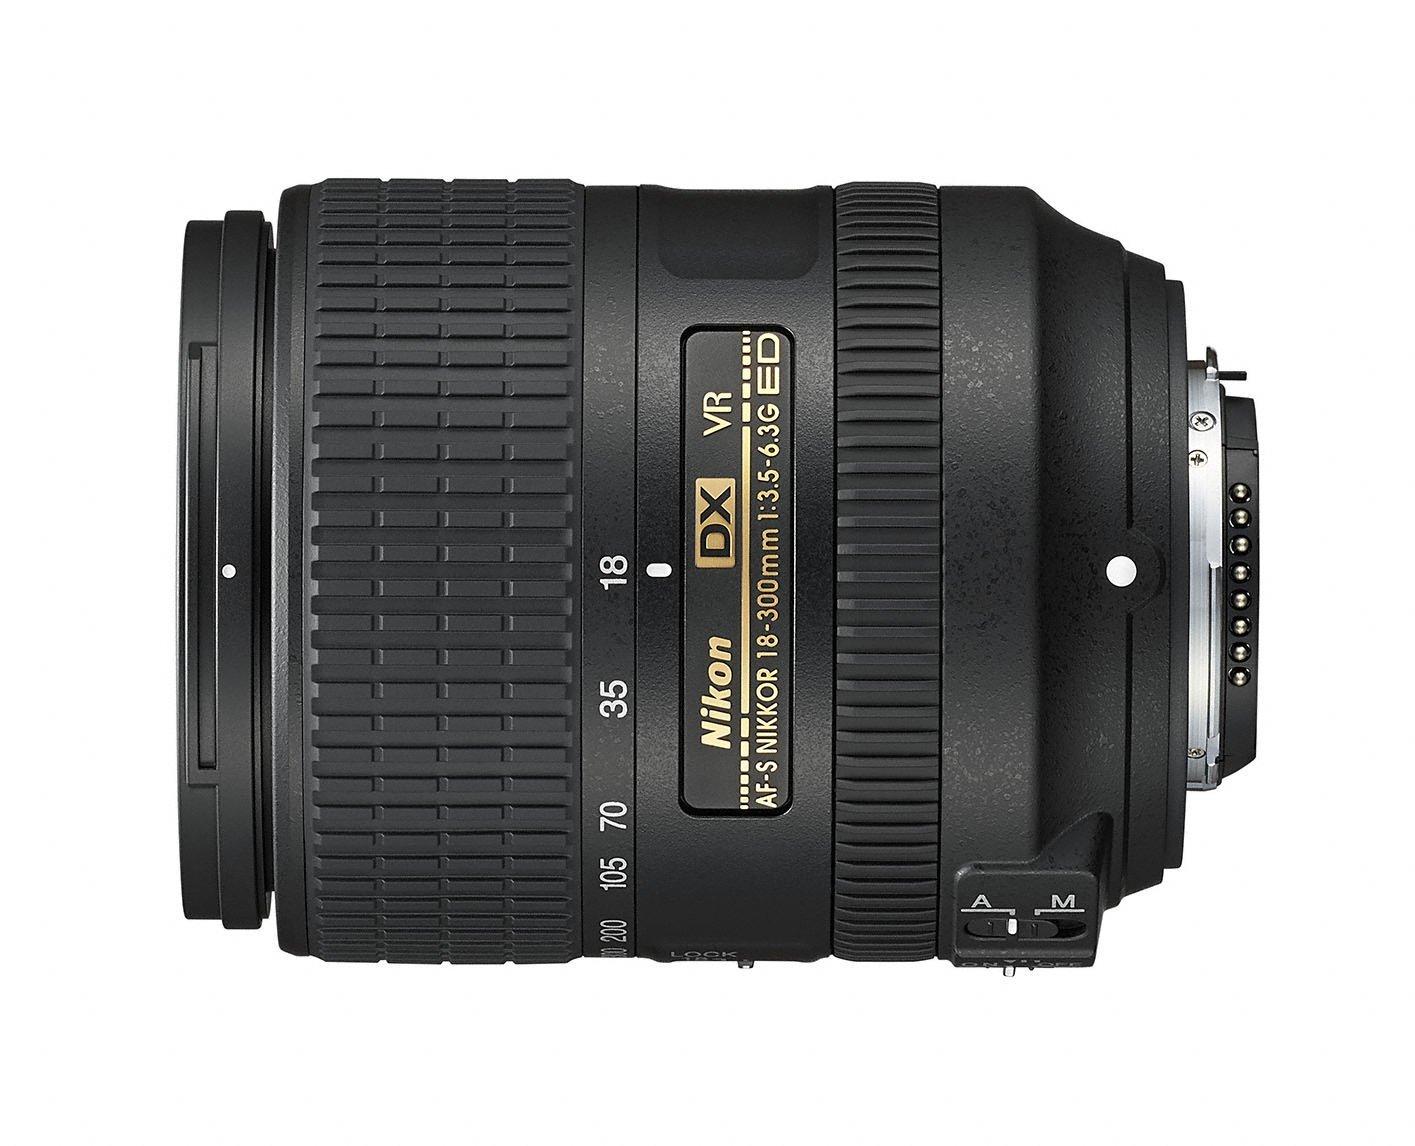 Nikon AF-S DX NIKKOR 18-300mm f/3.5-6.3G ED Vibration Reduction Zoom Lens with Auto Focus for Nikon DSLR Cameras by Nikon